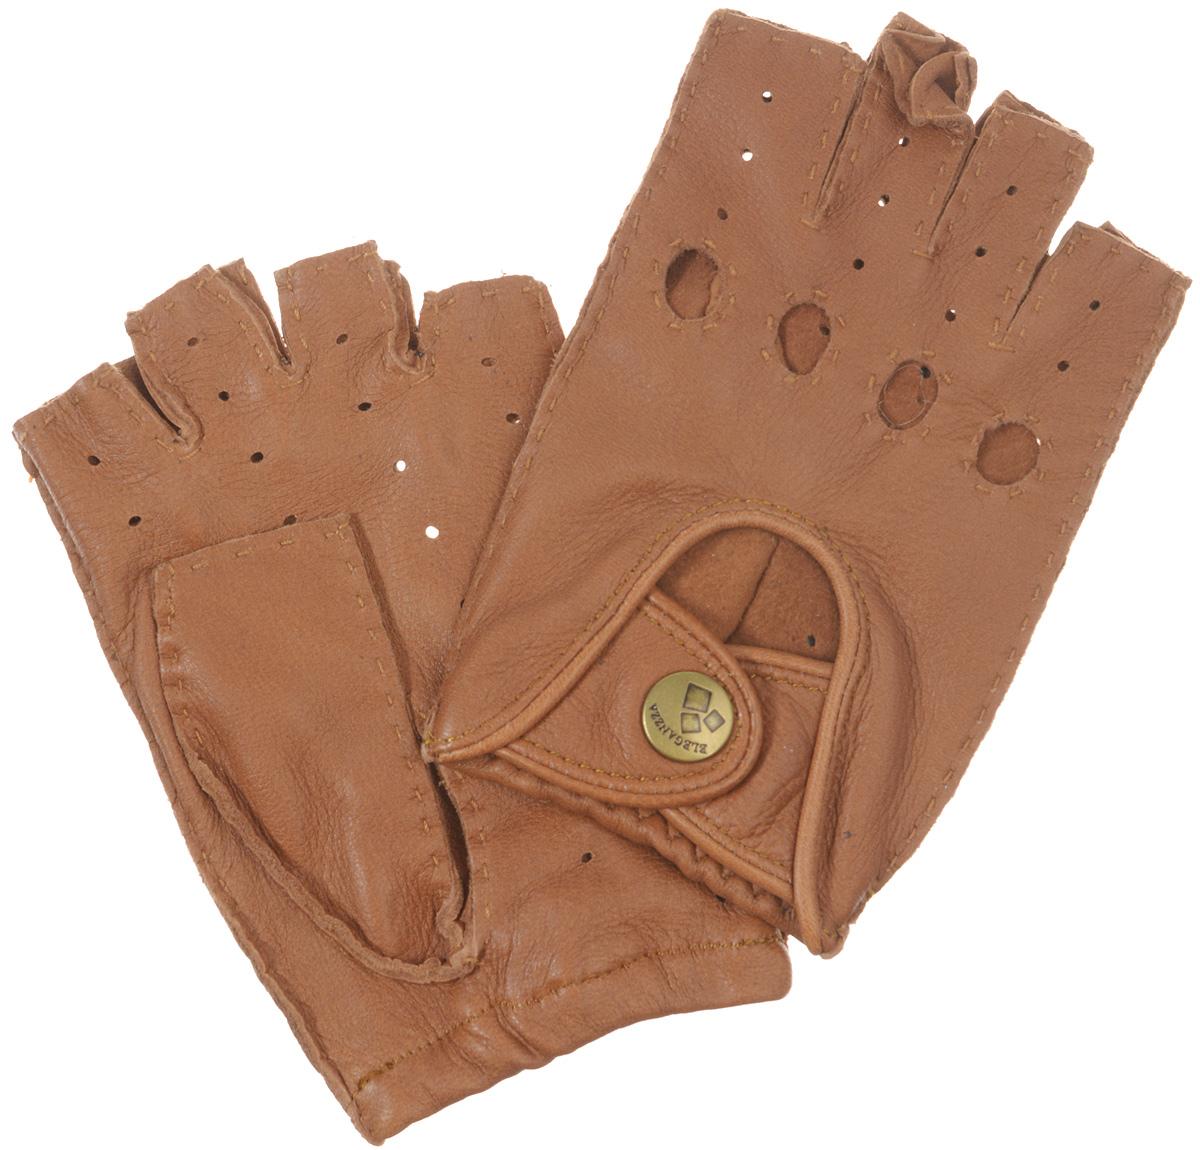 Митенки женские Eleganzza, цвет: светло-коричневый. HS102W. Размер 6,5HS102WМитенки Eleganzza изготовлены из натуральной кожи оленя с перфорацией. Швы - наружные ручные. На лицевой стороне - декоративный вырез, два ремня, закрывающиеся по центру на кнопку и вырезы под косточки пальцев.Первоначально митенки использовались для защиты от холода при выполнении работ, требующих подвижности пальцев. Но начиная с XVIII века митенки стали использоваться как модный женский аксессуар, дамы носили митенки и в помещениях, соответственно митенки выполняли больше эстетическую, а не практическую функцию. Такая мода продержалась и в XIX веке. Использовались как простые вязаные митенки, так и кружевные, причем они могли по длине доходить как до середины руки, так и до локтя. В России митенки использовались еще в XIX веке и считались женскими перчатками. В настоящий момент митенки используются как женщинами, так и мужчинами, но все-таки в большей степени считаются женским аксессуаром одежды!